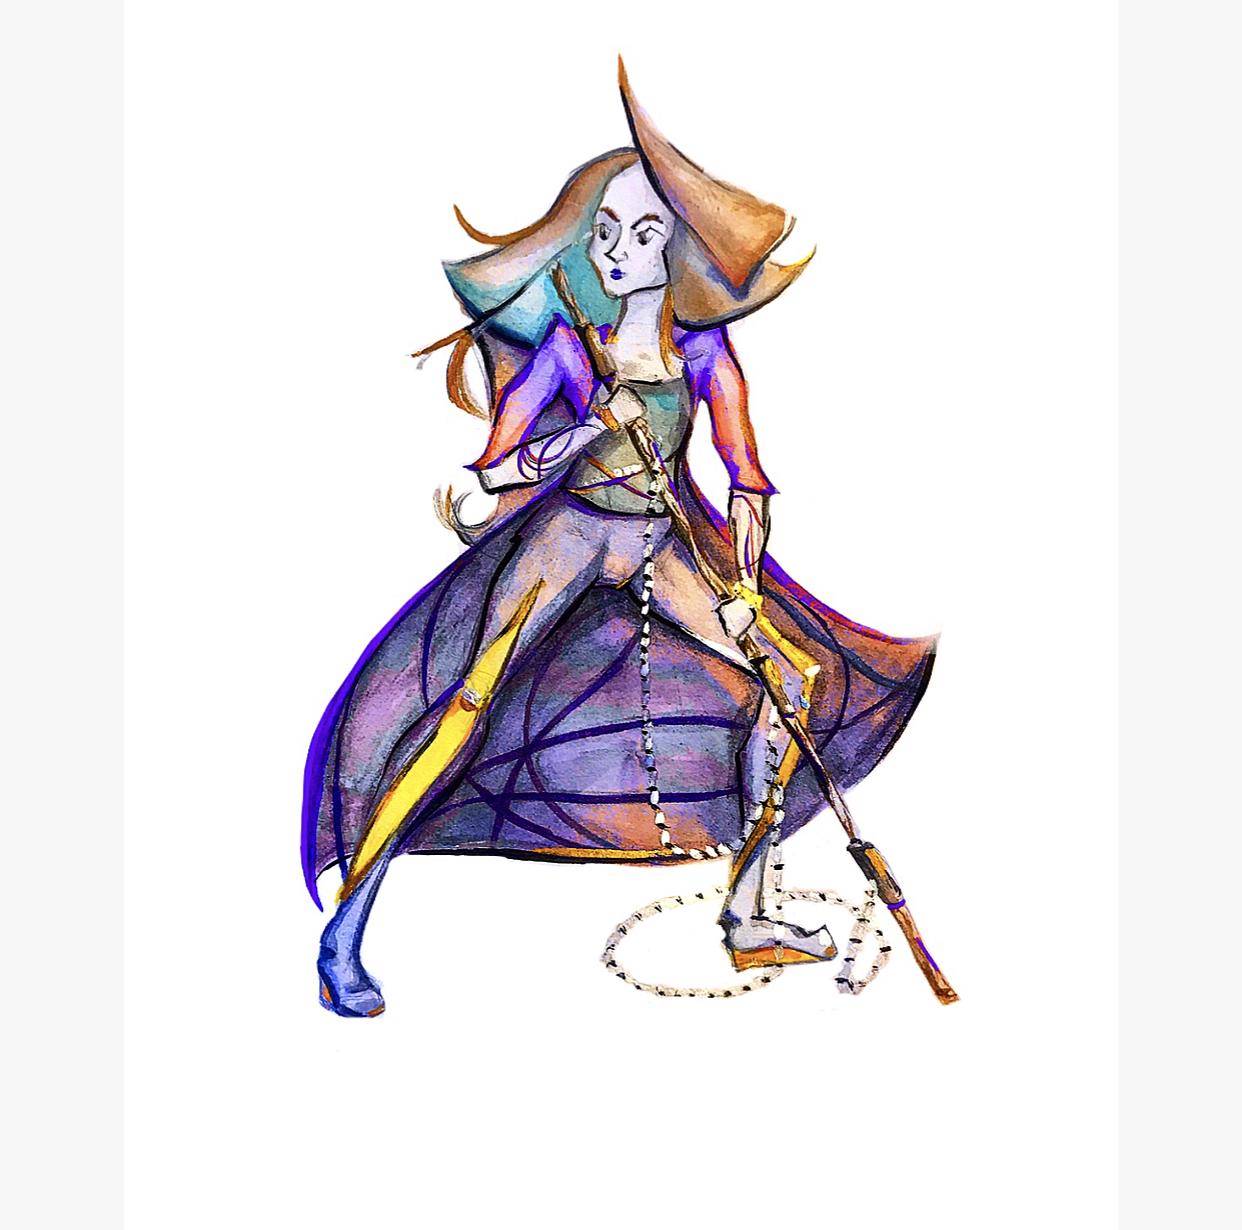 Боевой персонаж (скетч)